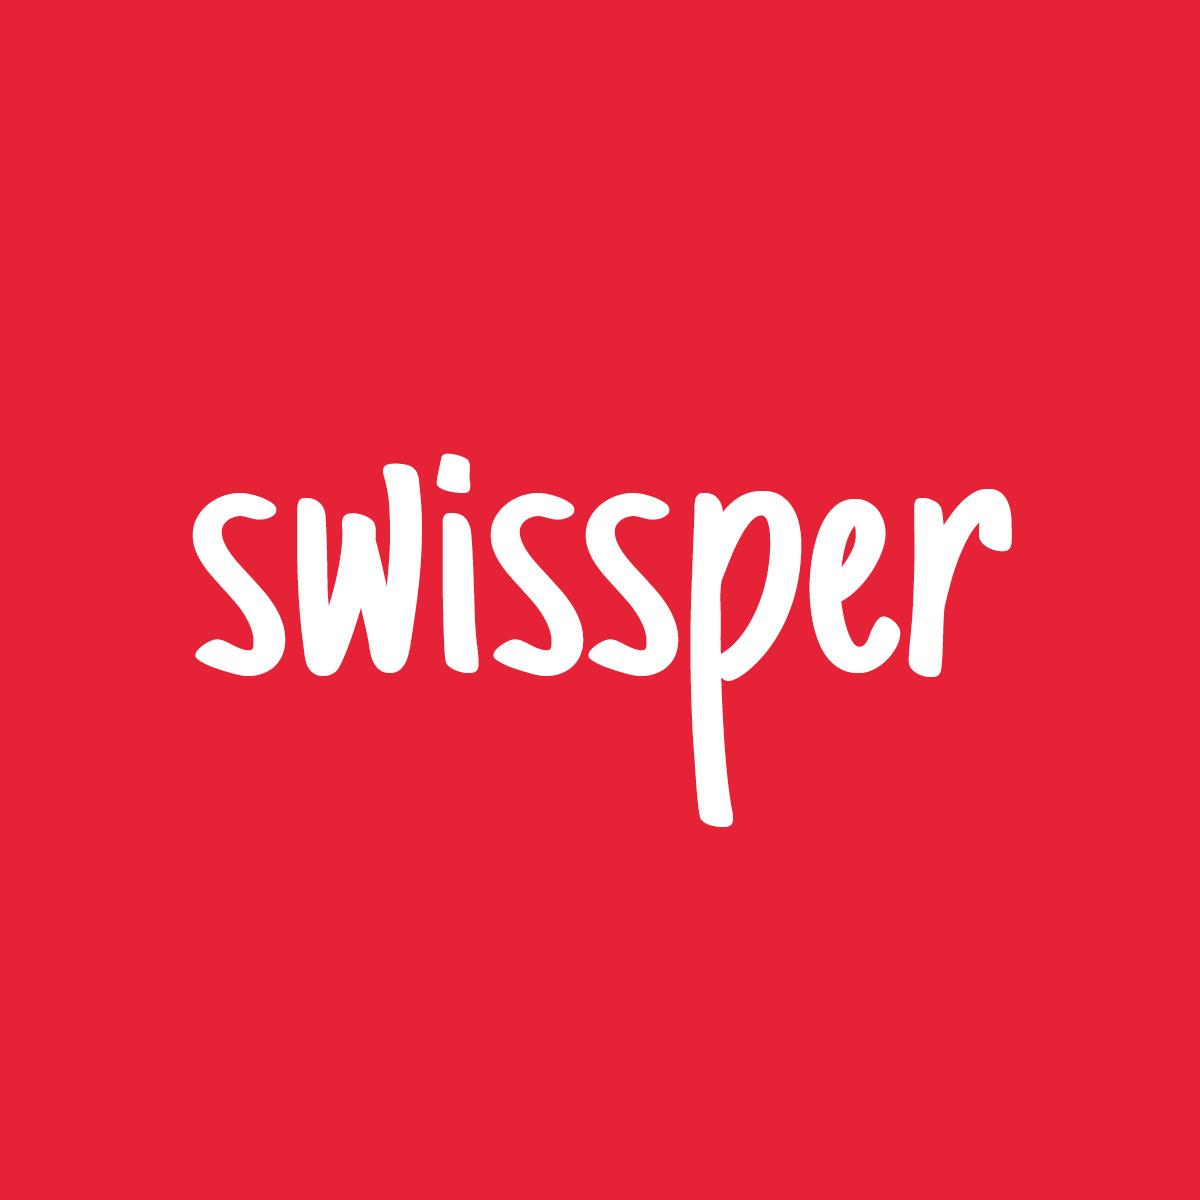 swissper_logo